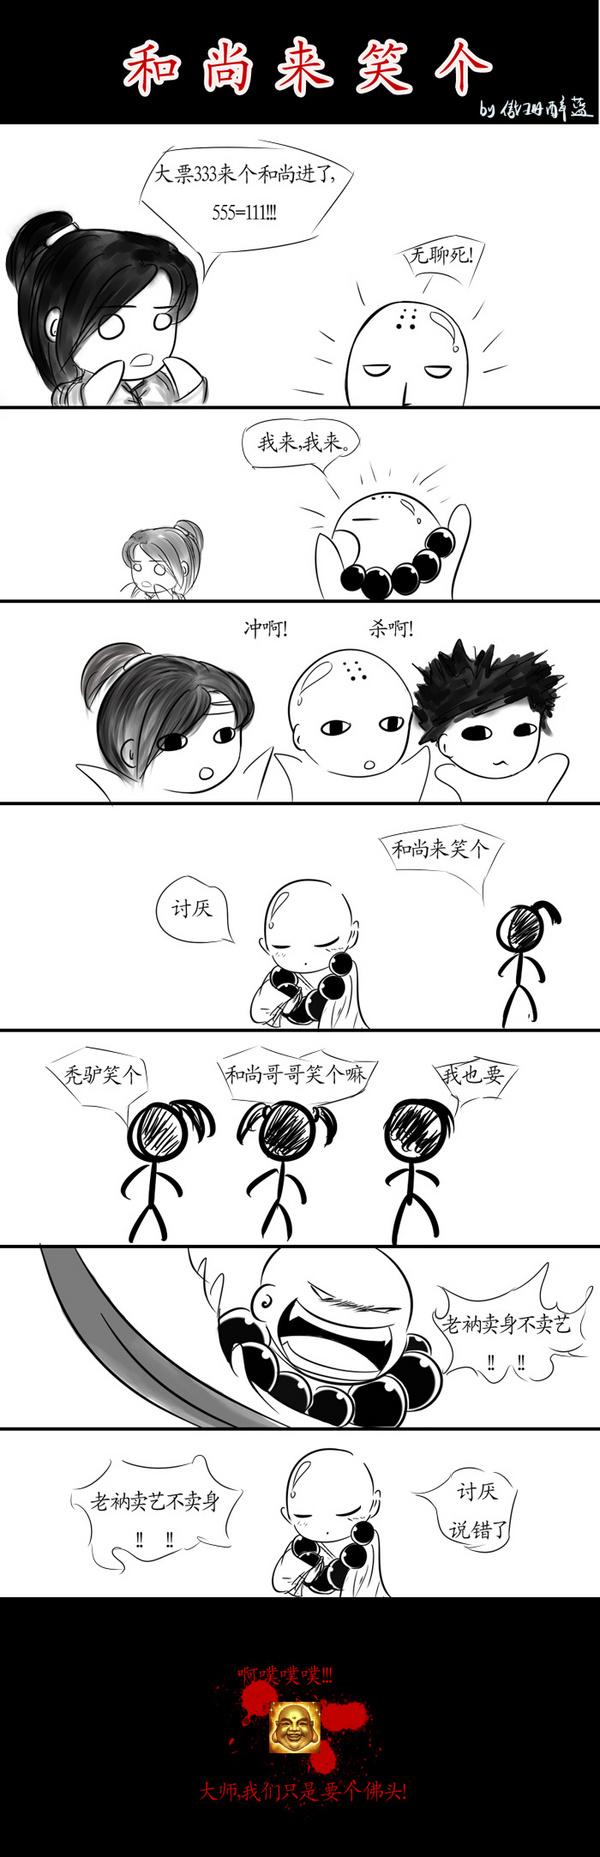 天龙爆笑四格手绘漫画:和尚来笑个